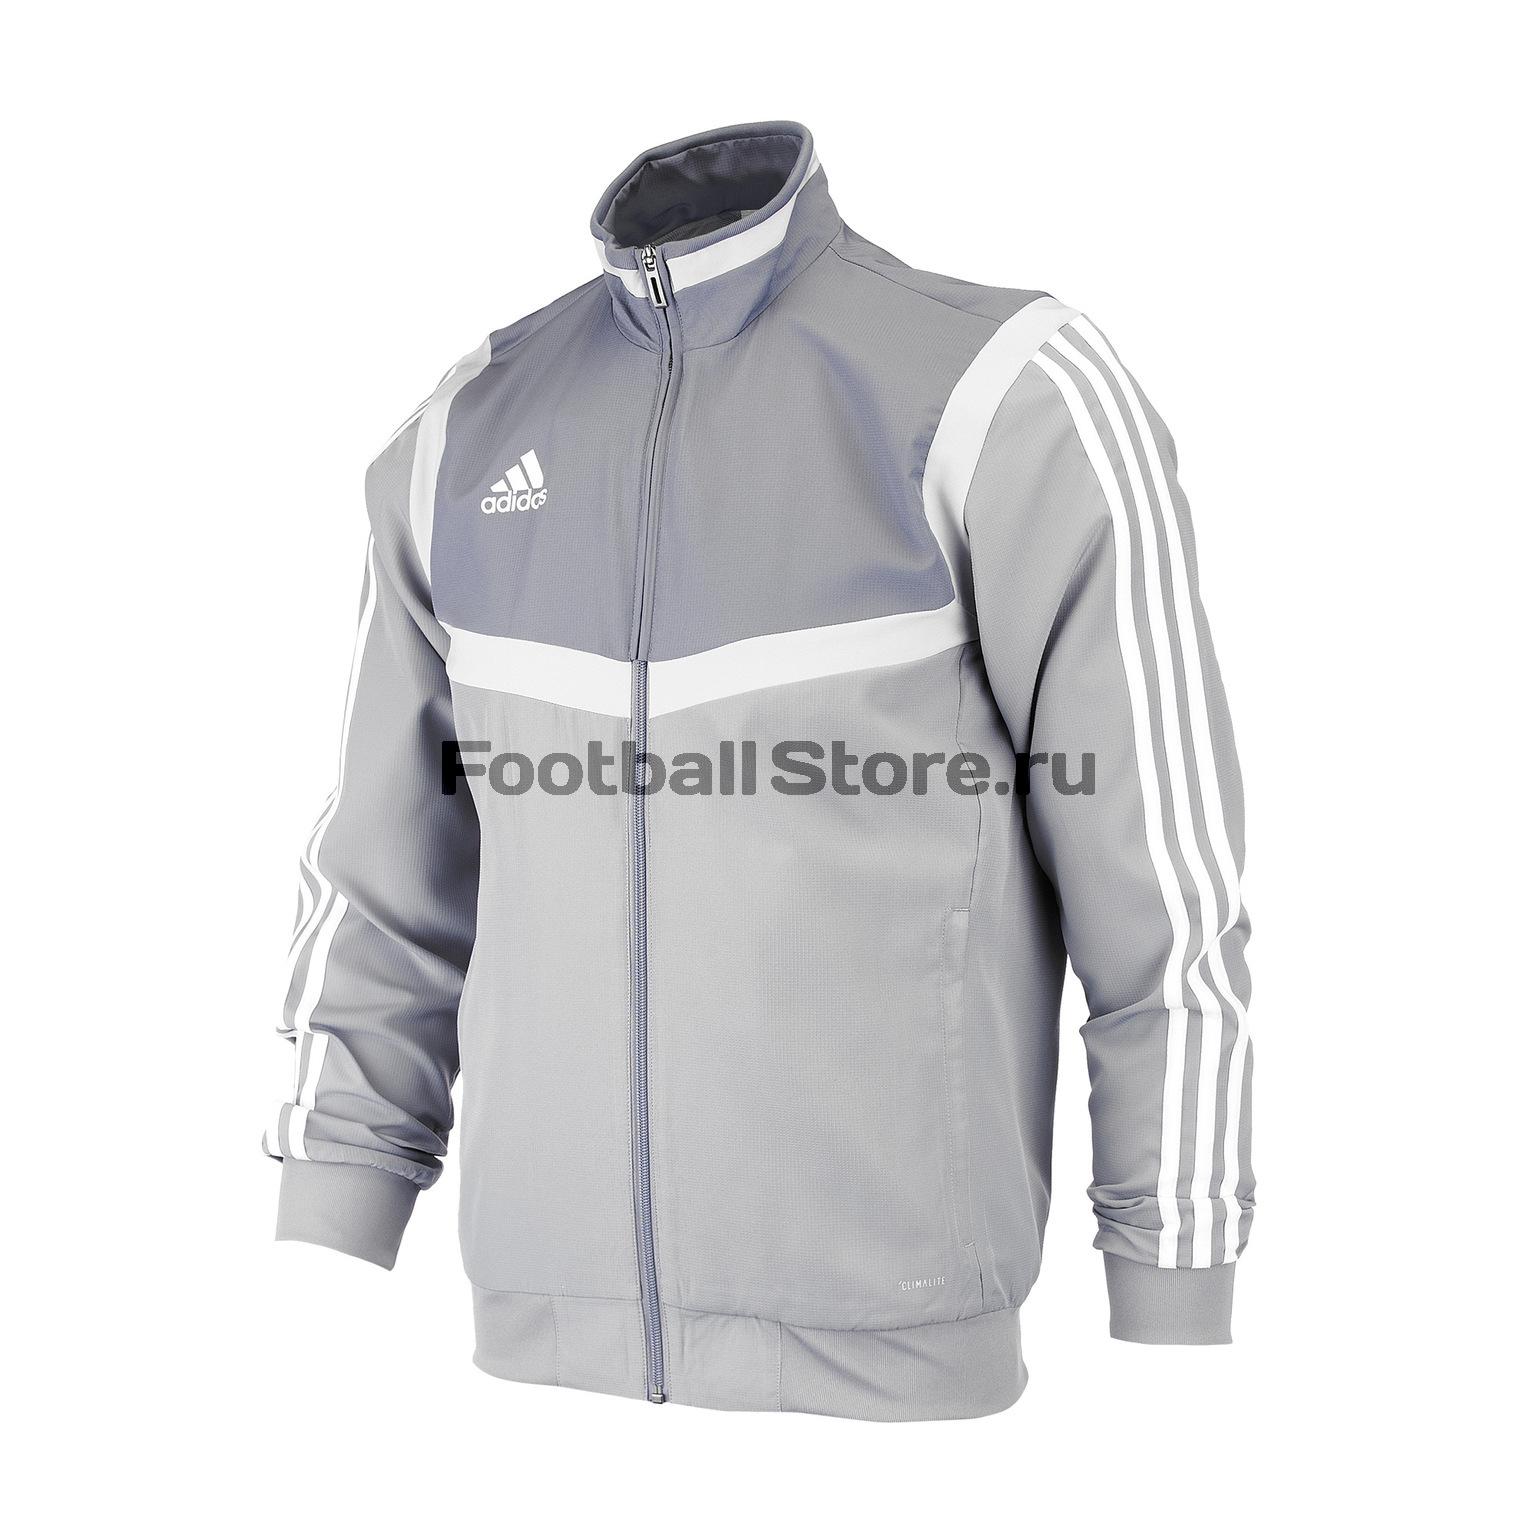 Олимпийка Adidas Tiro19 Pre Jkt DW4787 цена